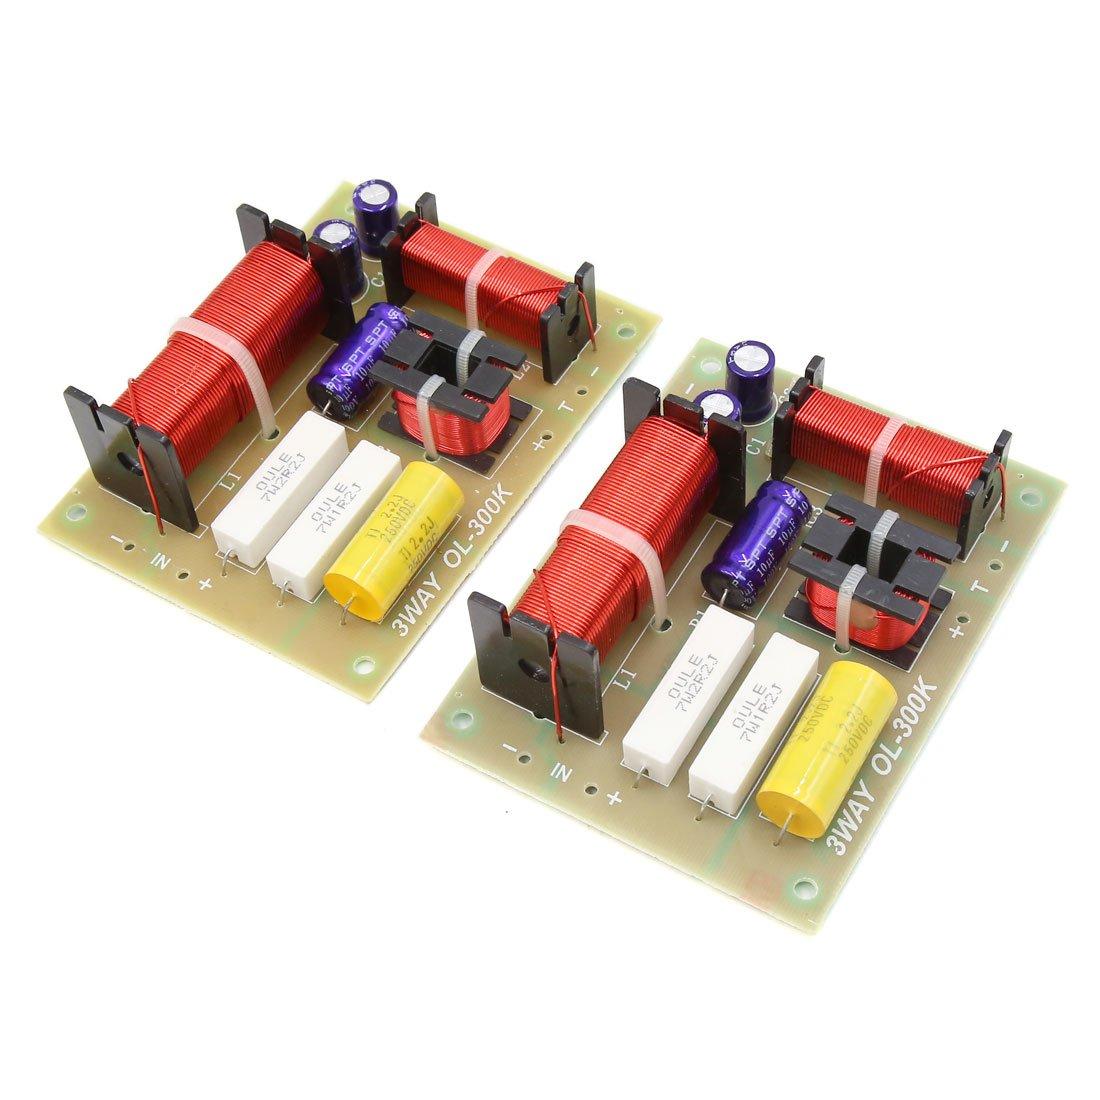 Uxcell 2 pcs 180 w 850/4800 hz 3 Façon Voiture Audio Crossover Filtre Haut-Parleur Diviseur de Fréquence